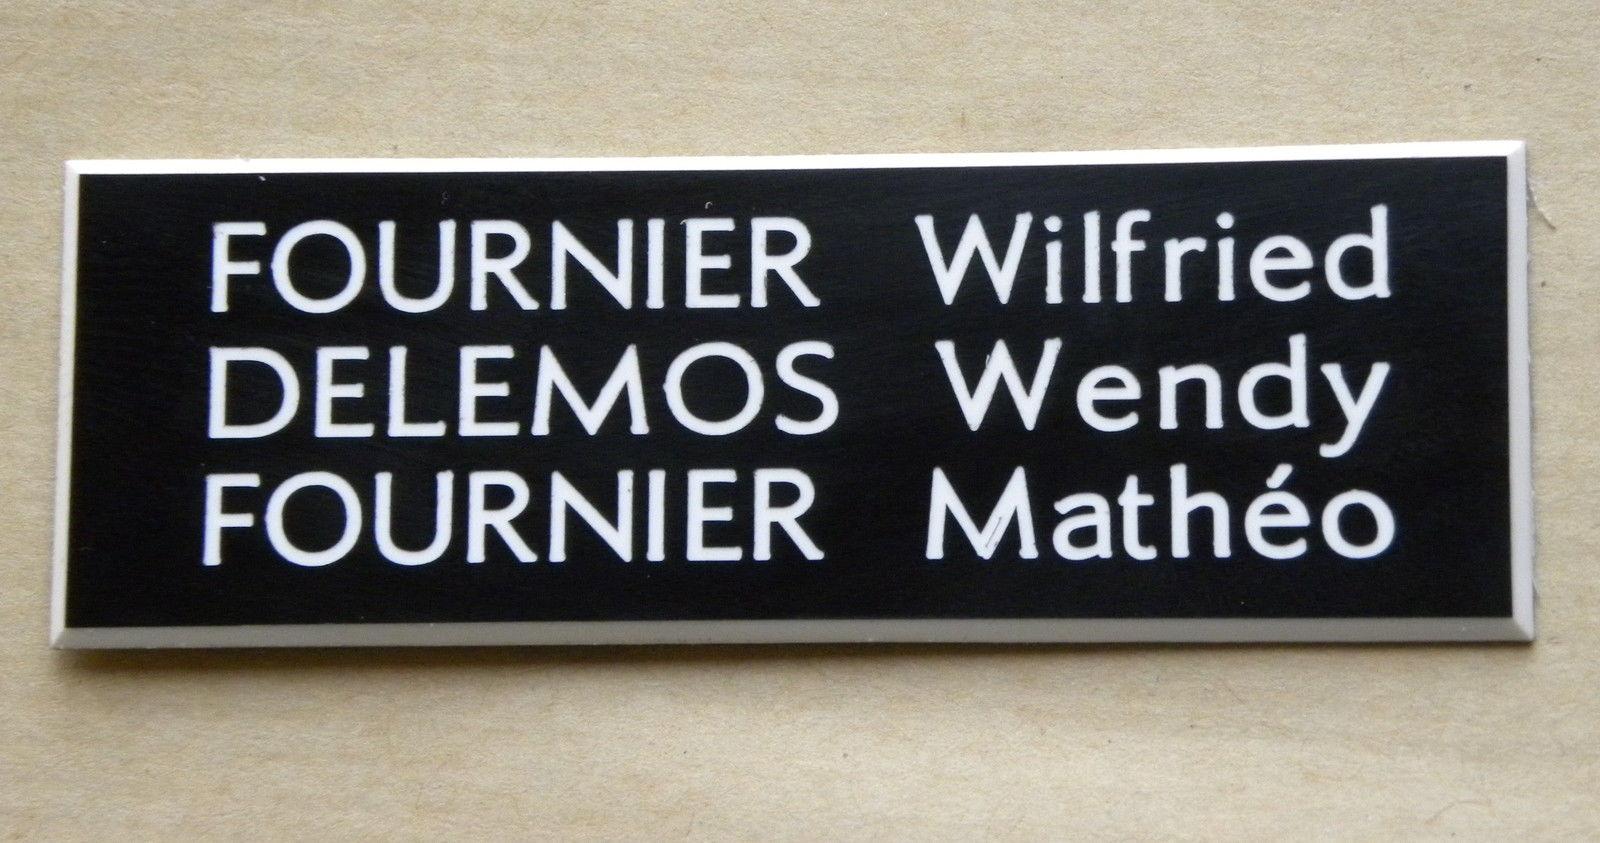 Les différents textes possibles sur une plaque de boîte aux lettres